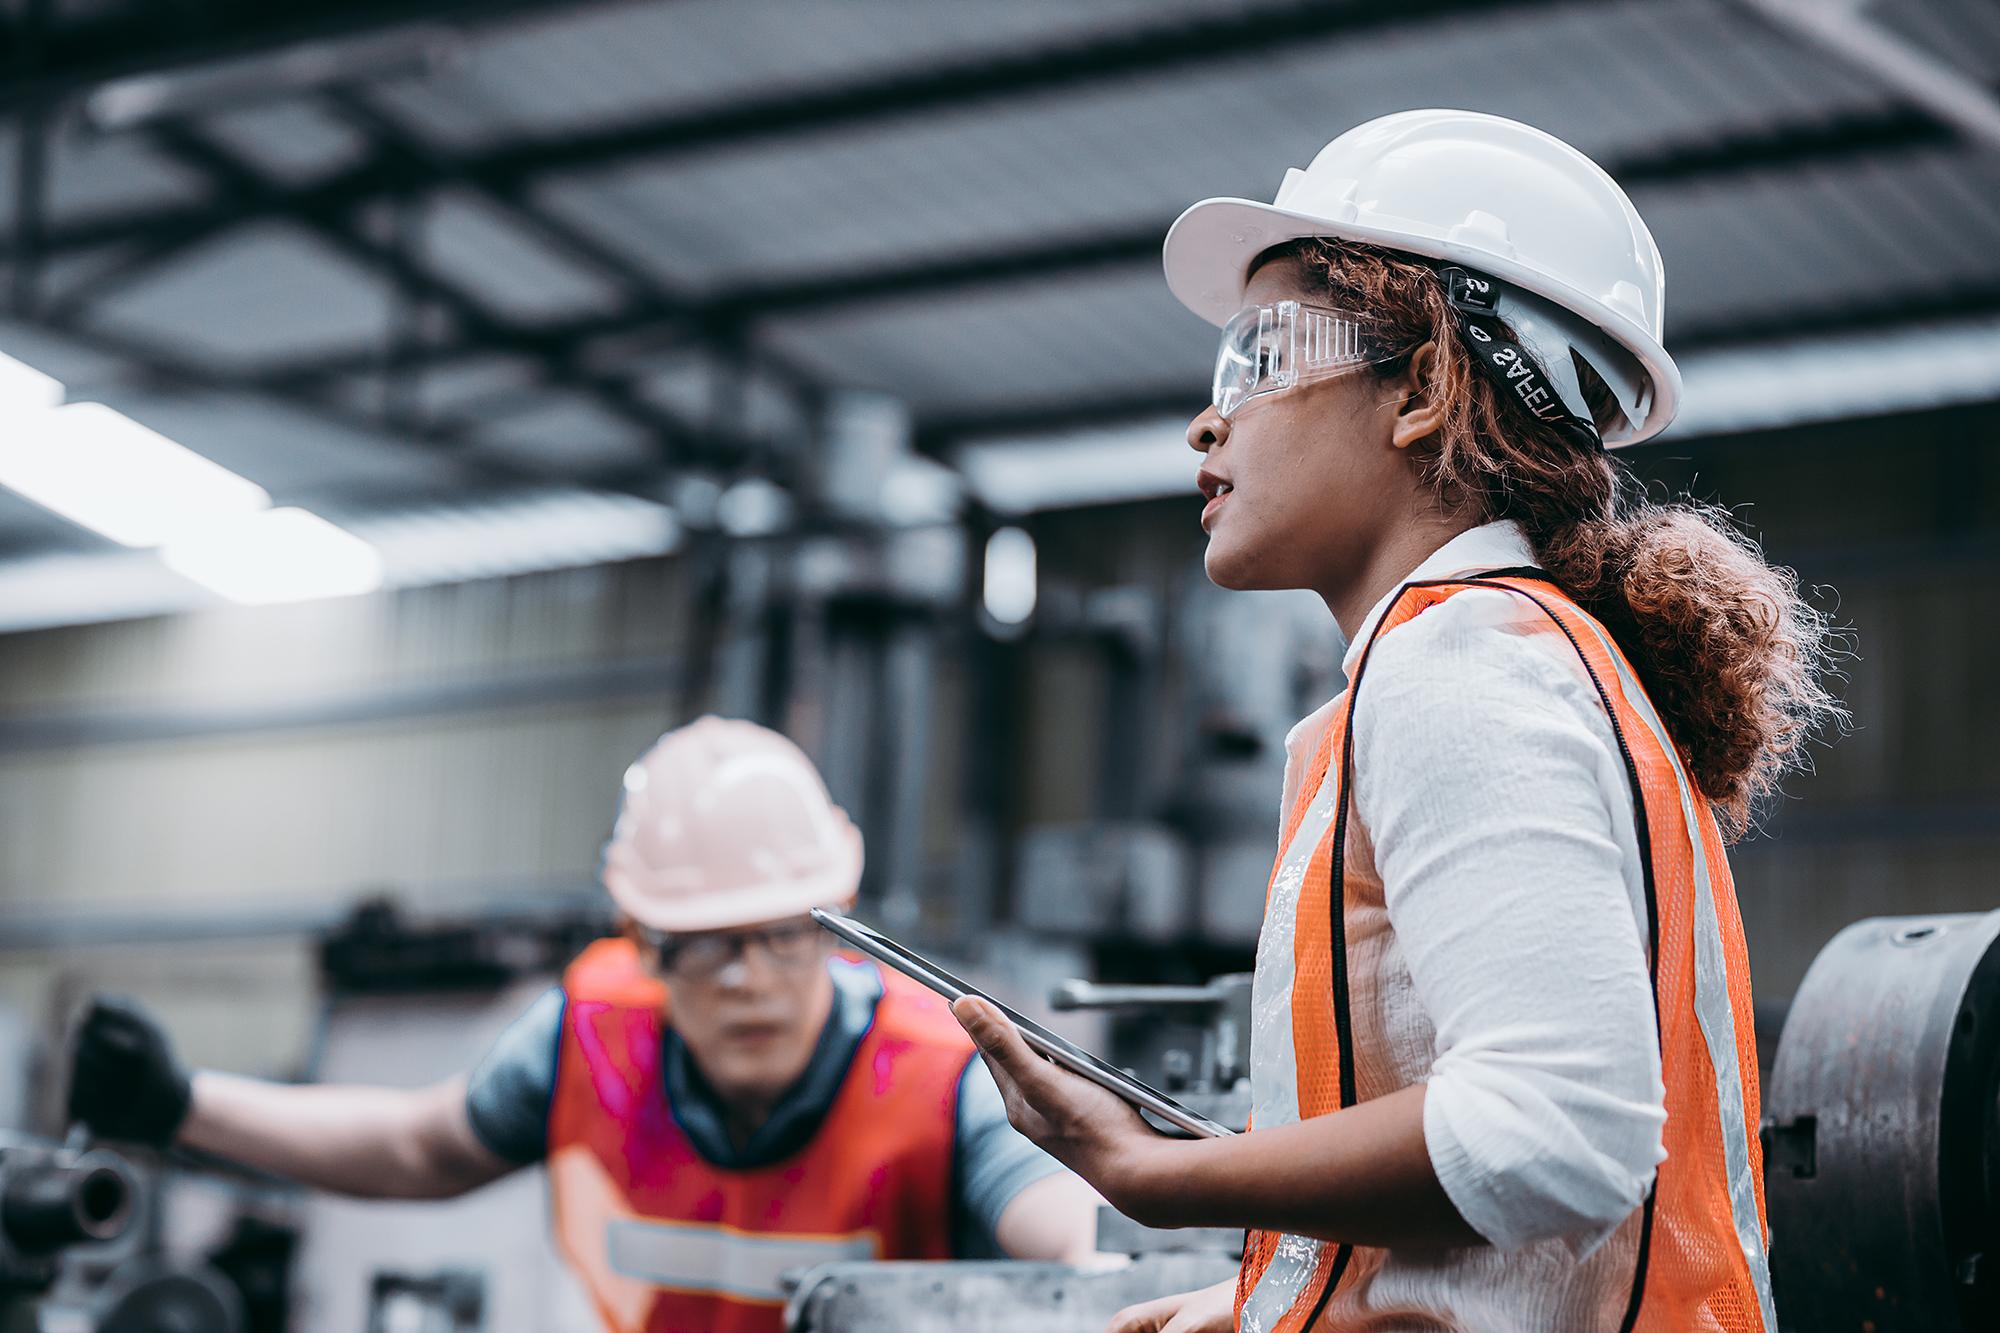 Female industrial engineer wearing a white helmet